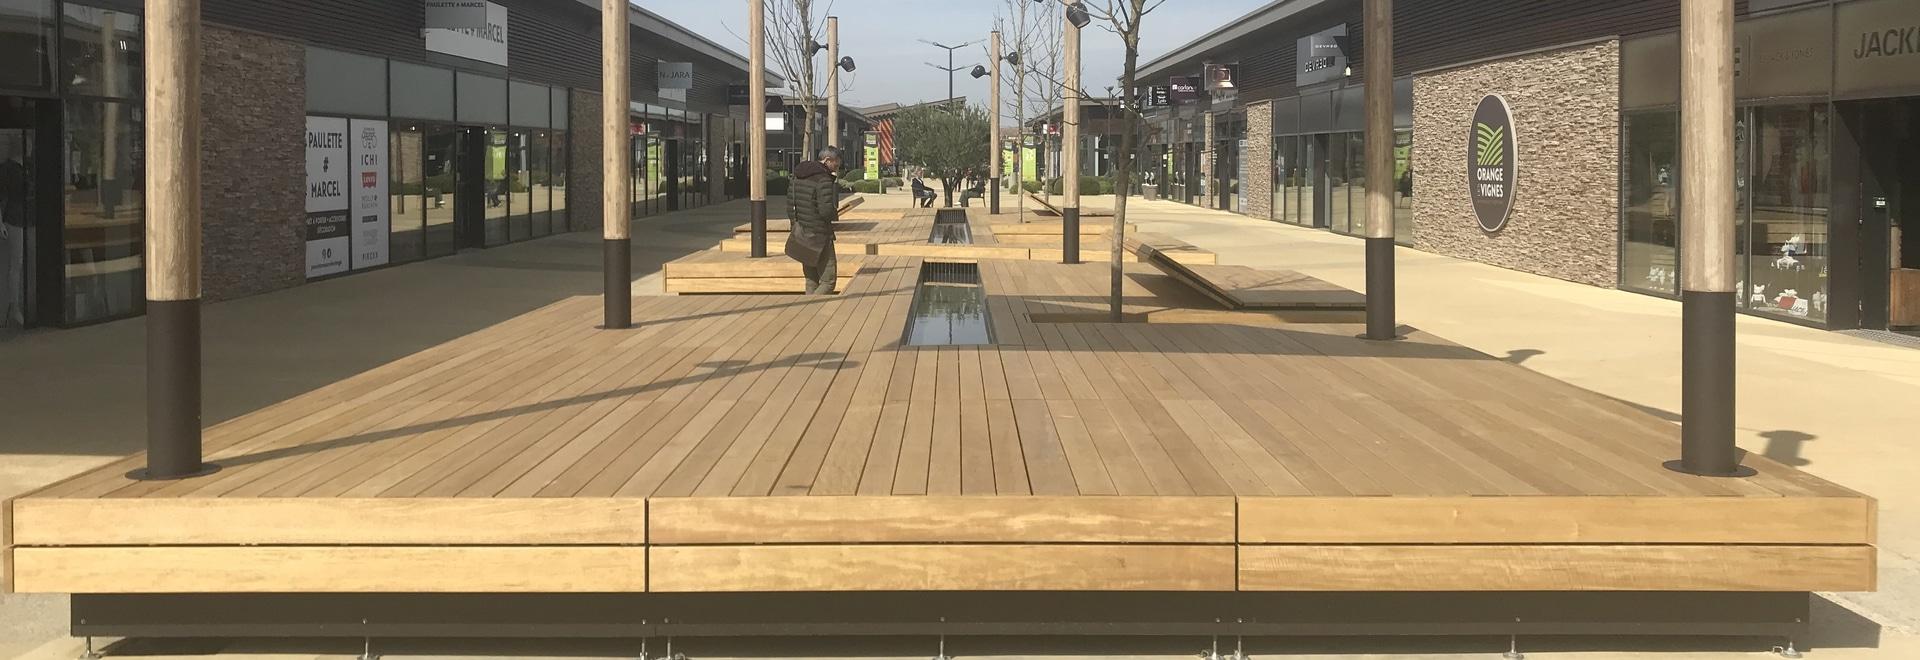 """Neue Stadtmöbel für das Einkaufszentrum """"Les Vignes"""" in Orange (84)"""